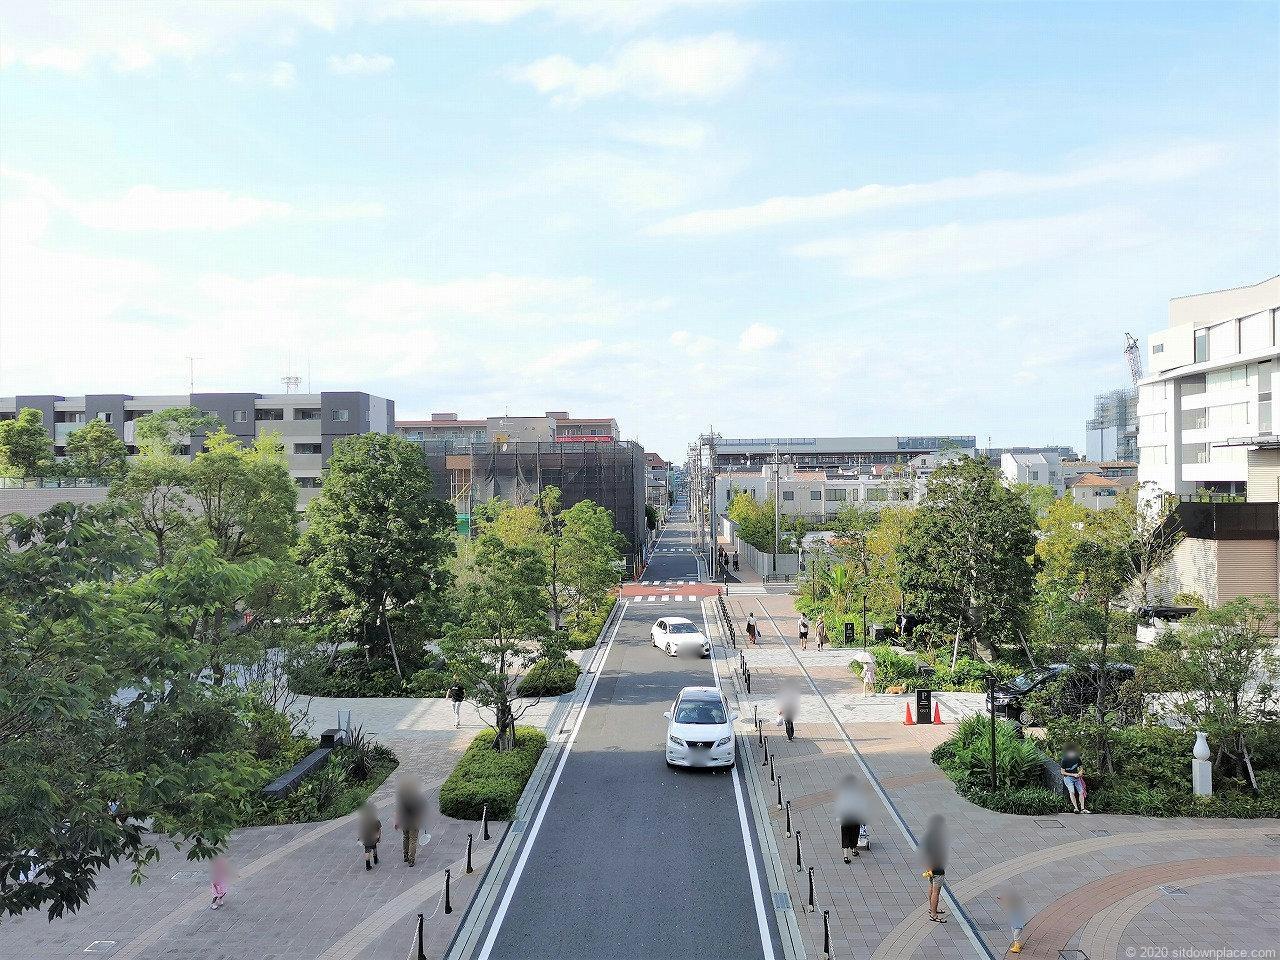 武蔵小杉駅 パークシティ ザ・ガーデン 地上広場の外観